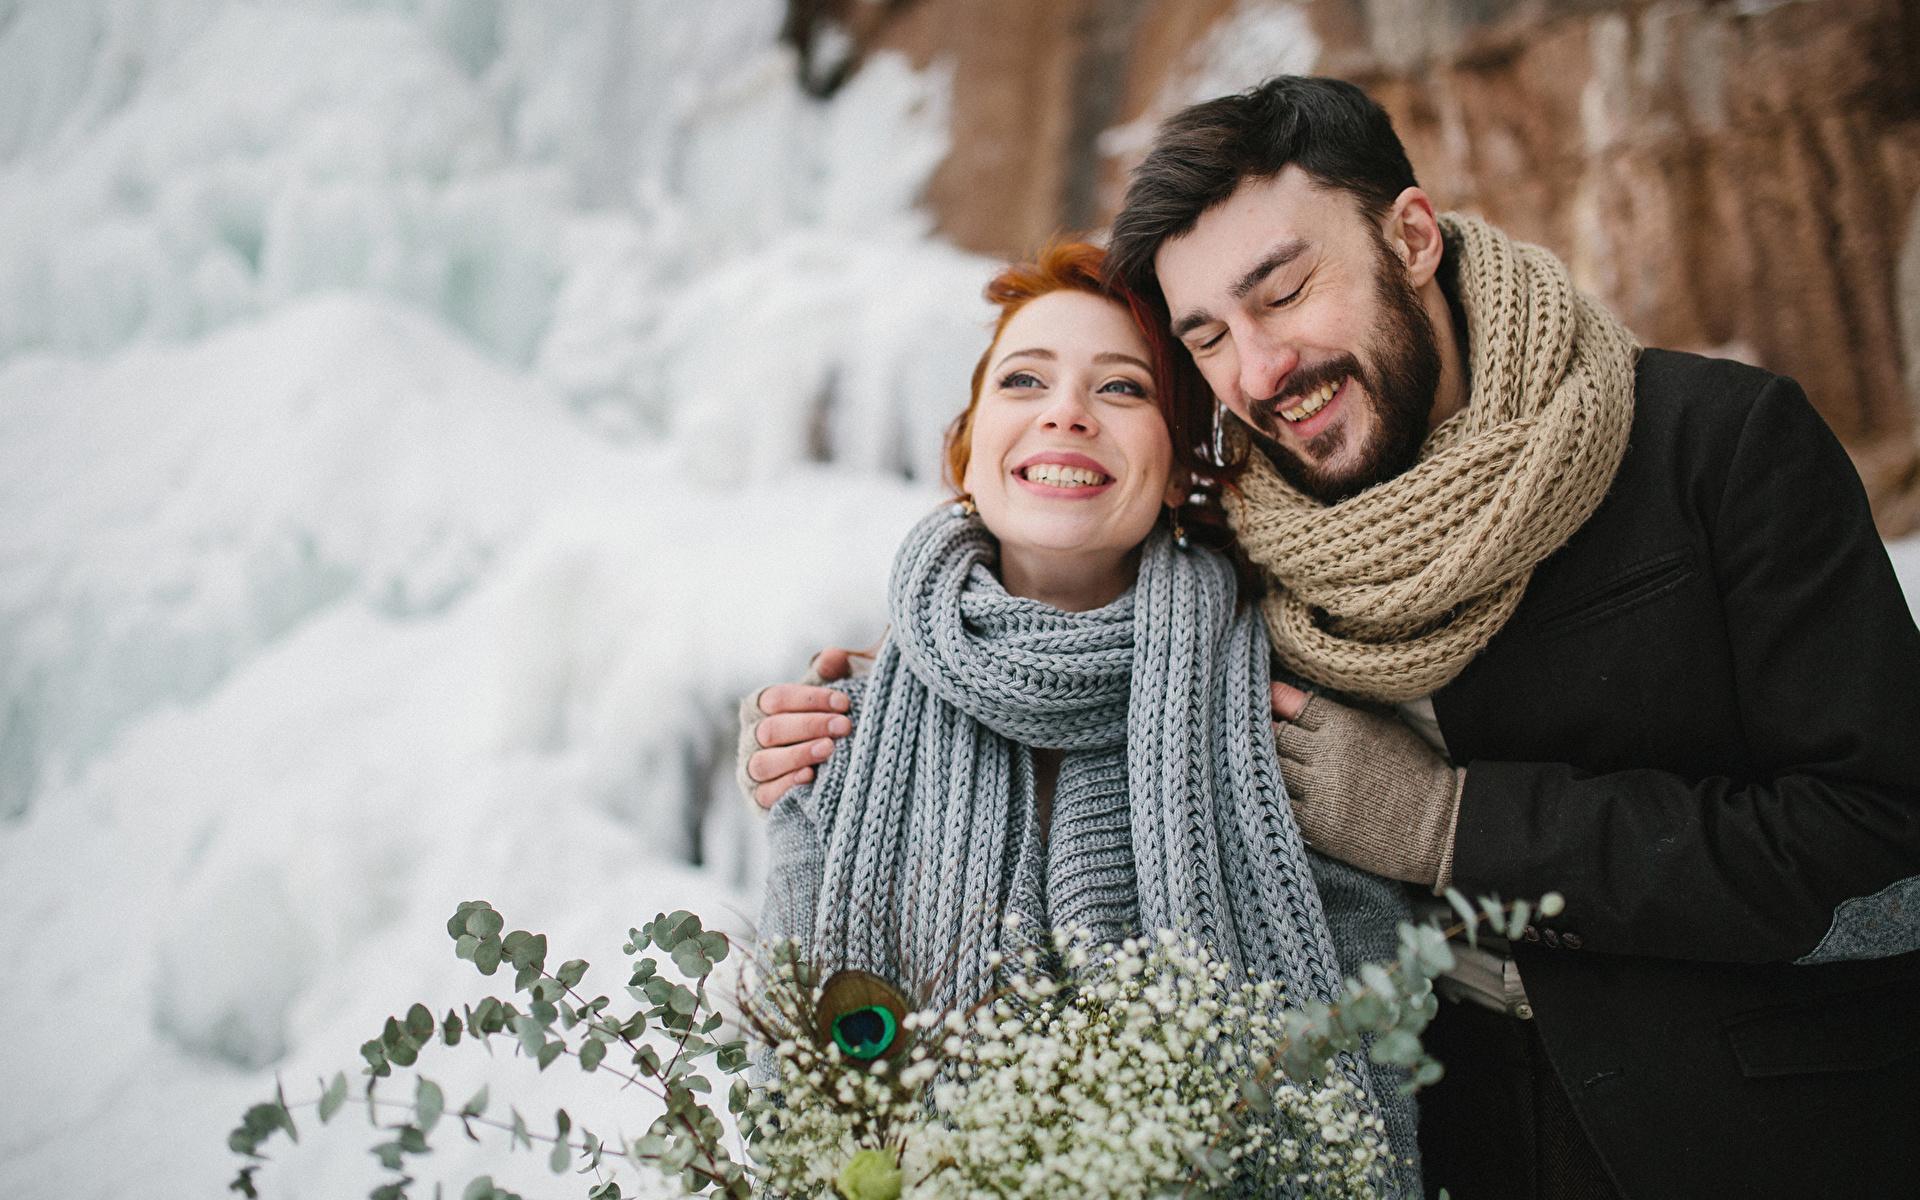 Картинка Шарф Мужчины Радость Любовь вдвоем зимние Девушки Объятие 1920x1200 счастье счастливые 2 Двое Зима